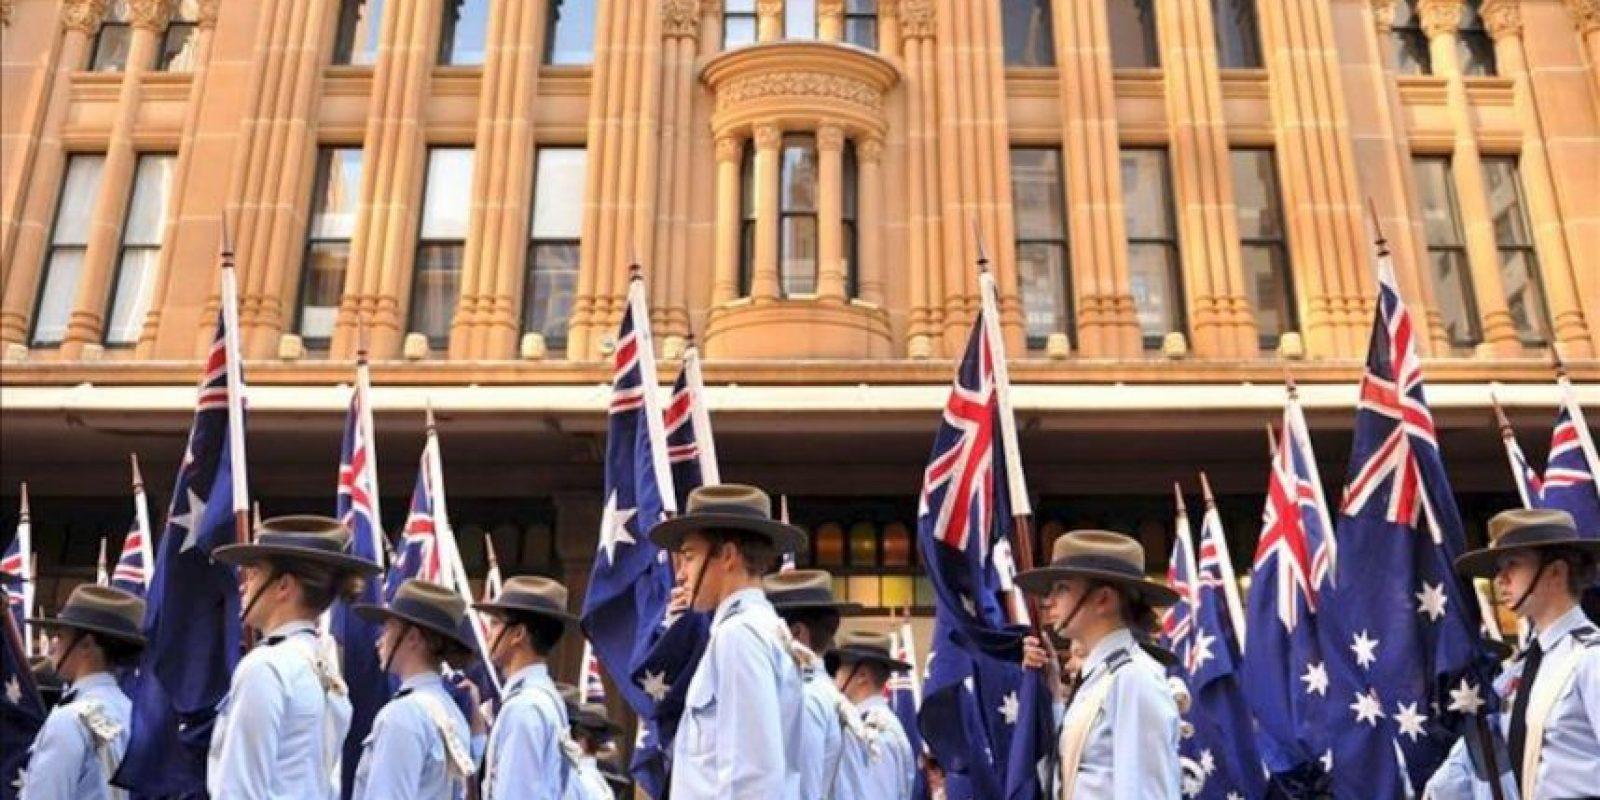 Un grupo de australianos toma parte en el desfile en el Día de las Fuerzas Militares de Australia y Nueva Zelanda (ANZAC, por sus siglas en inglés) hoy, miércoles 25 de abril de 2012, en Sydney (Australia). Australianos y neozelandeses rinden homenaje a aquellos que murieron en desembarco a Gallipoli en la Primera Guerra Mundial. EFE